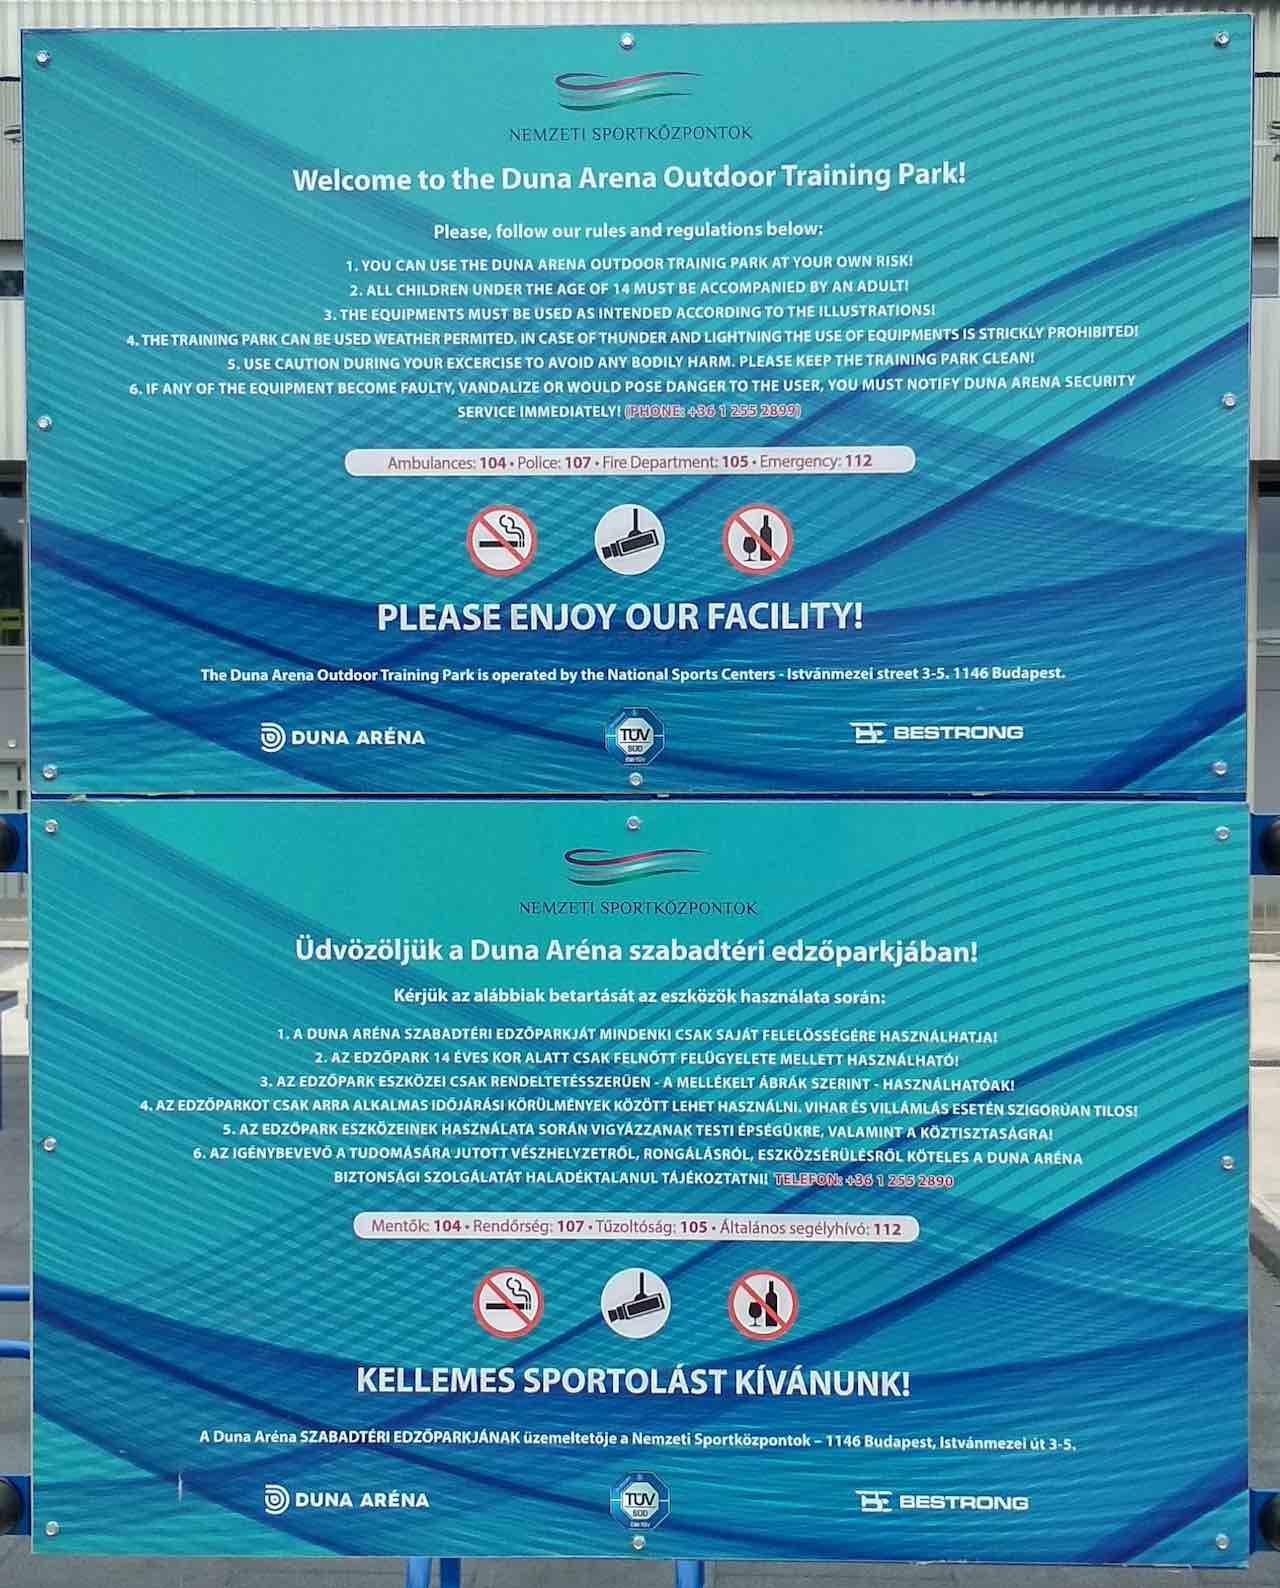 Duna Aréna szabadtéri edzőpark házirendje